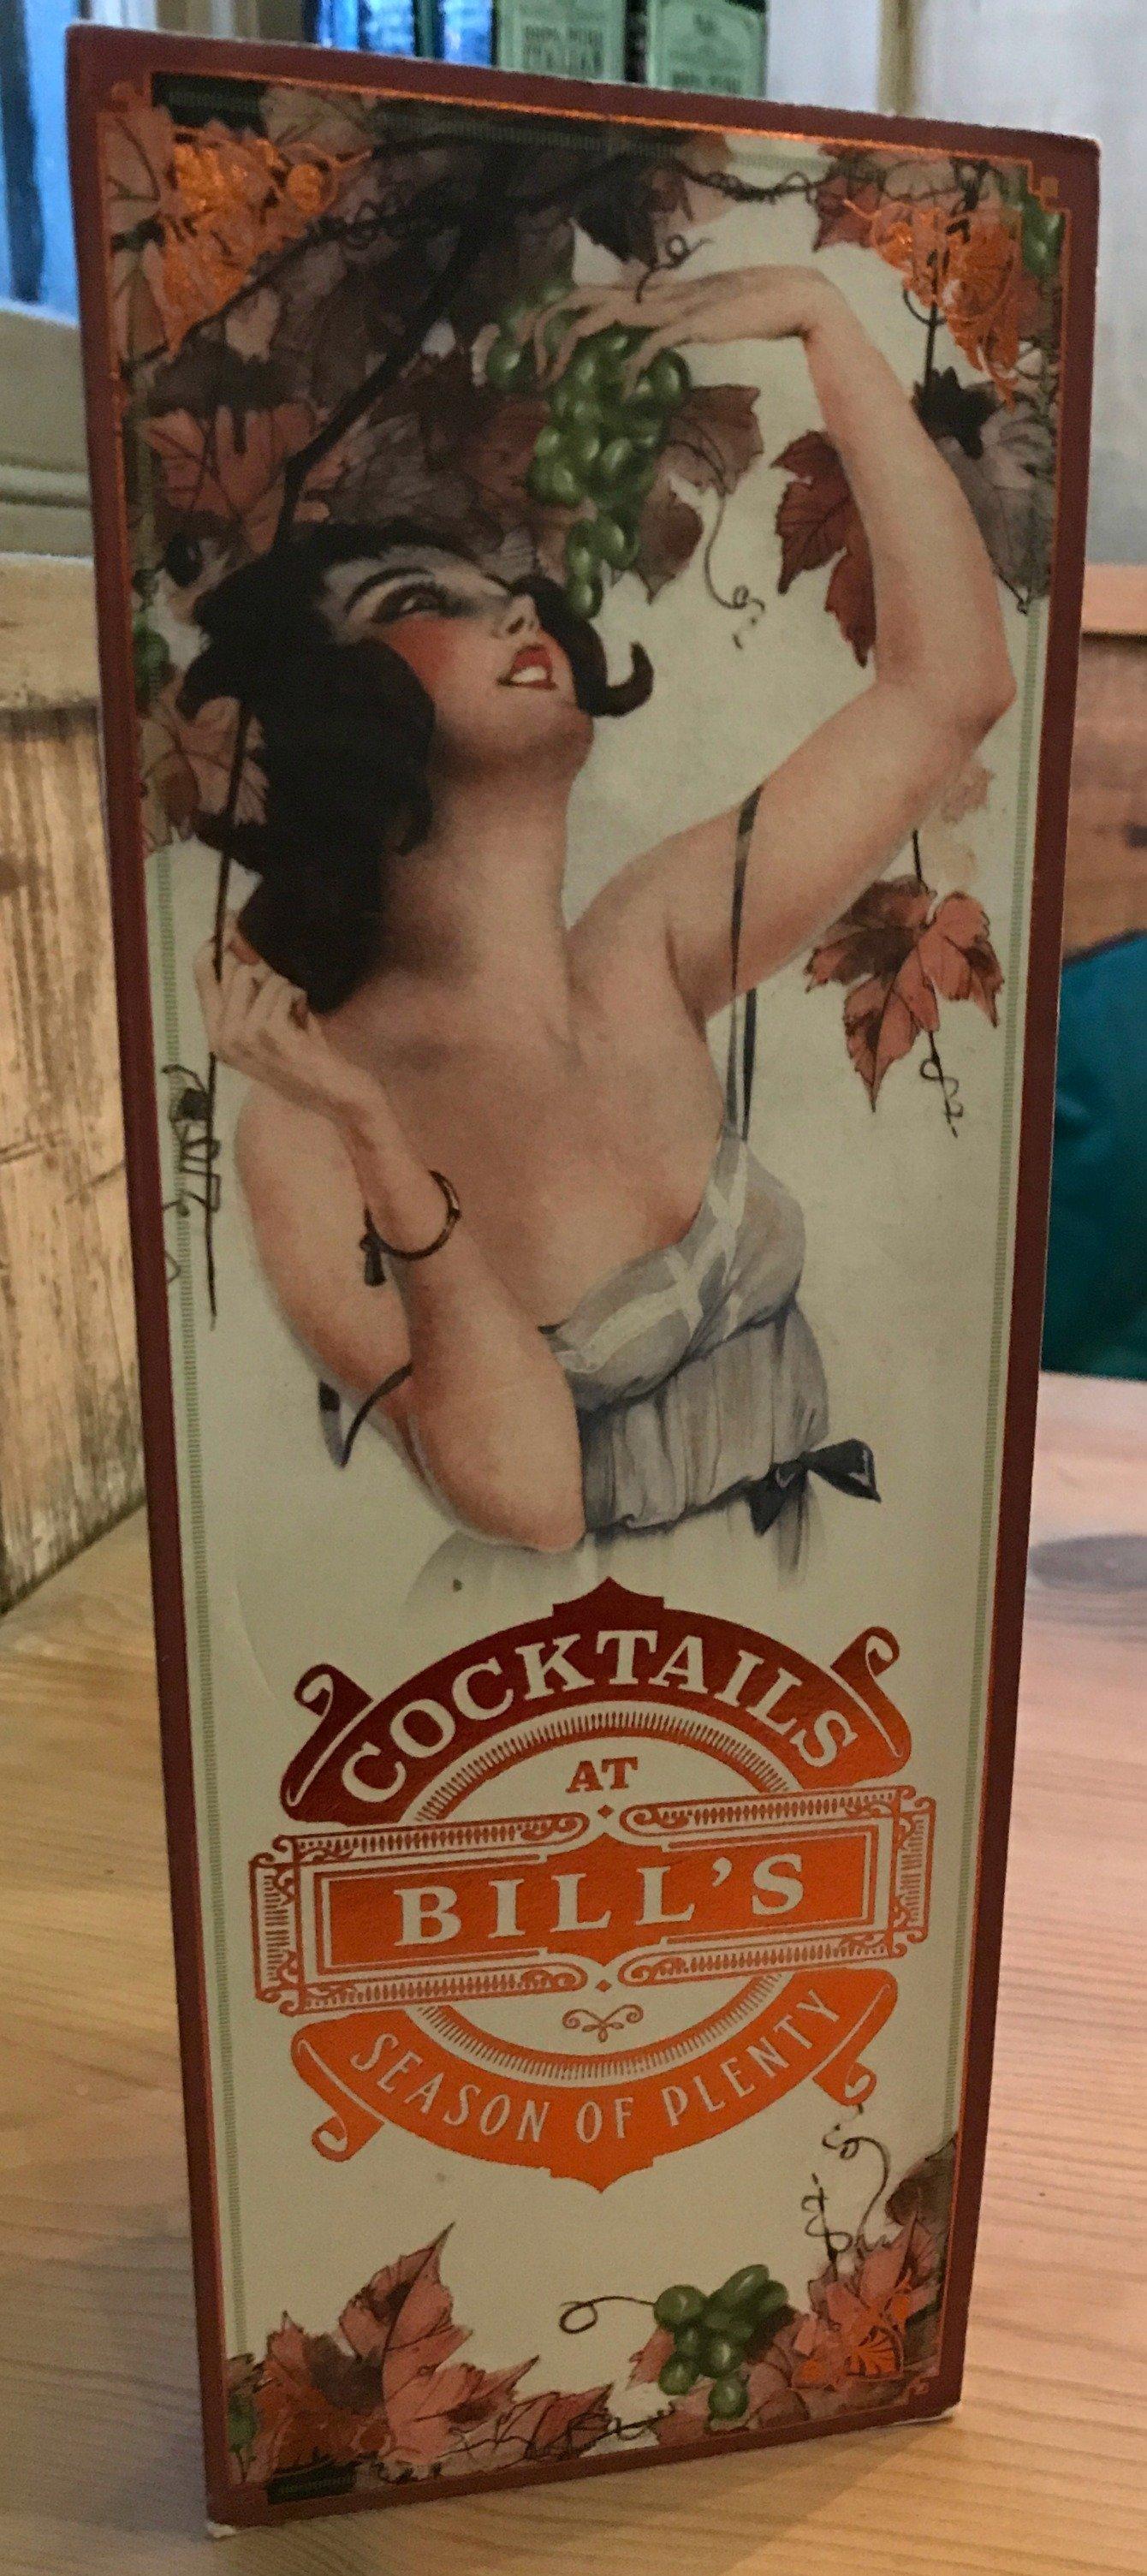 Bill's cocktail menu